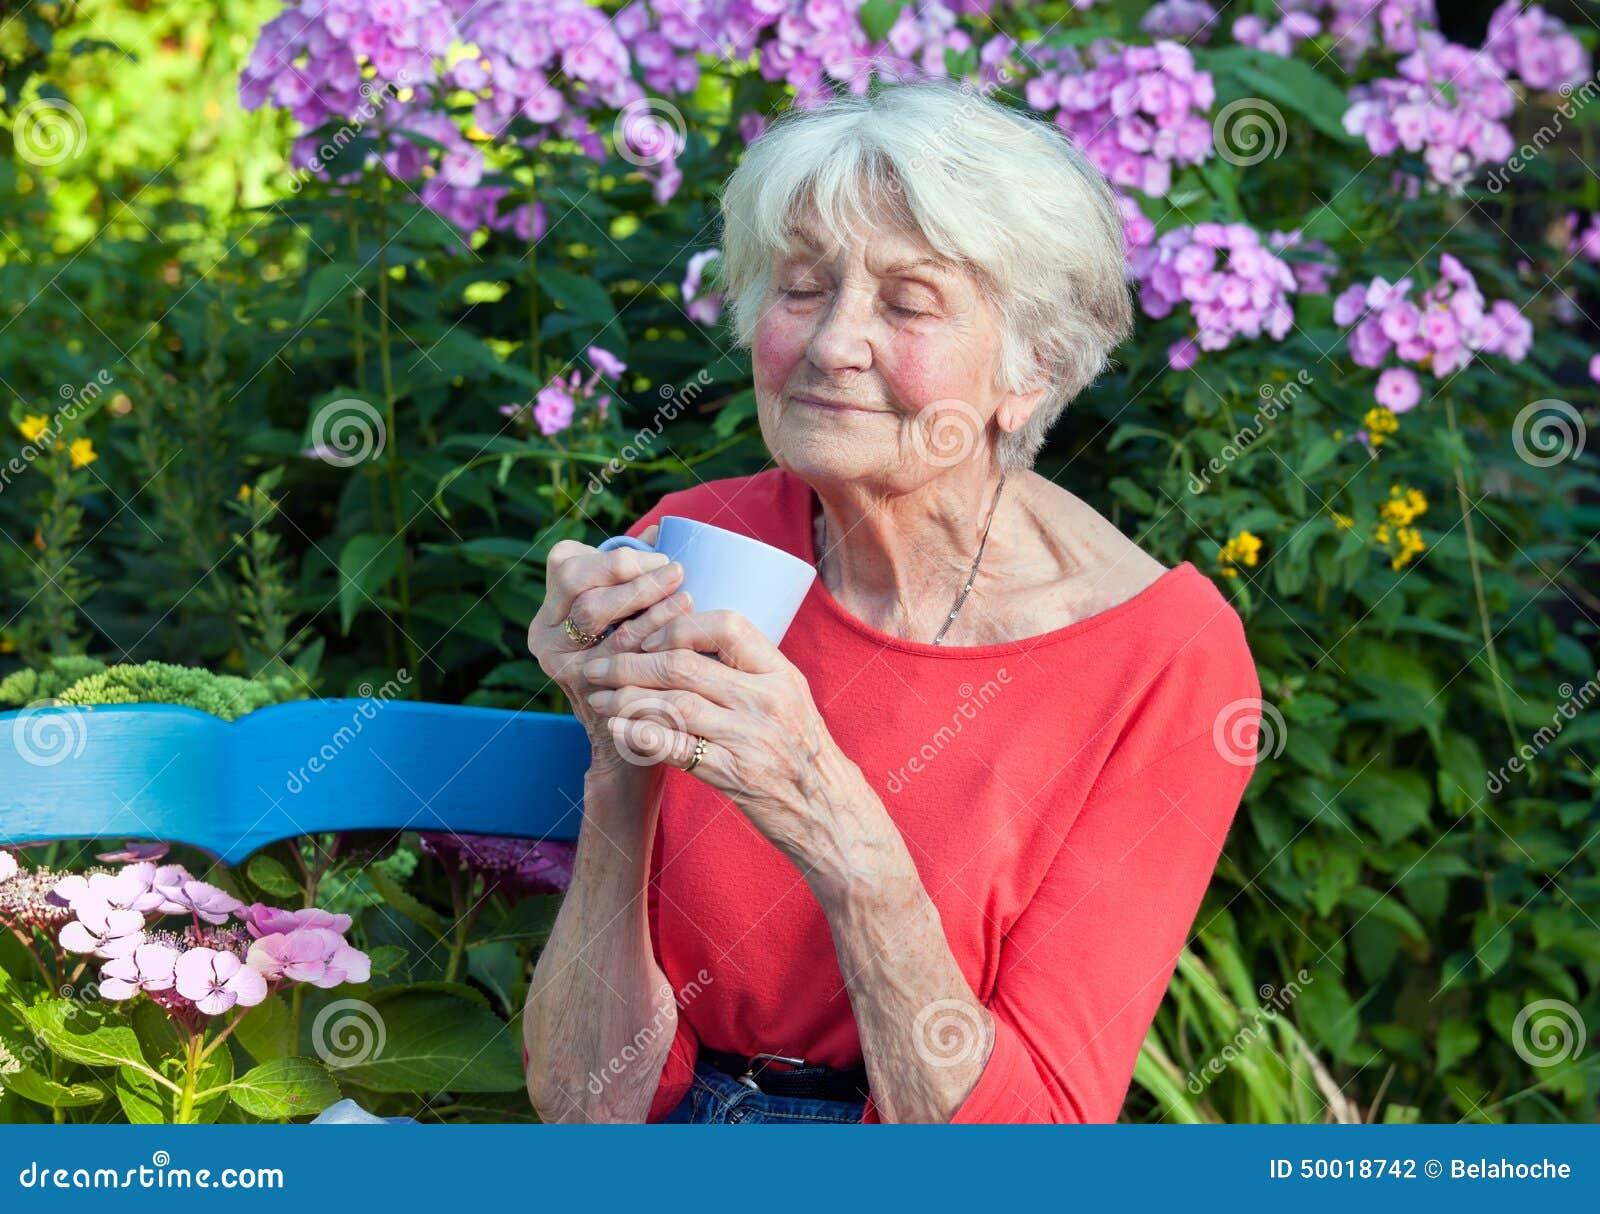 Στοχαστική ηλικιωμένη γυναίκα με τον καφέ στον κήπο